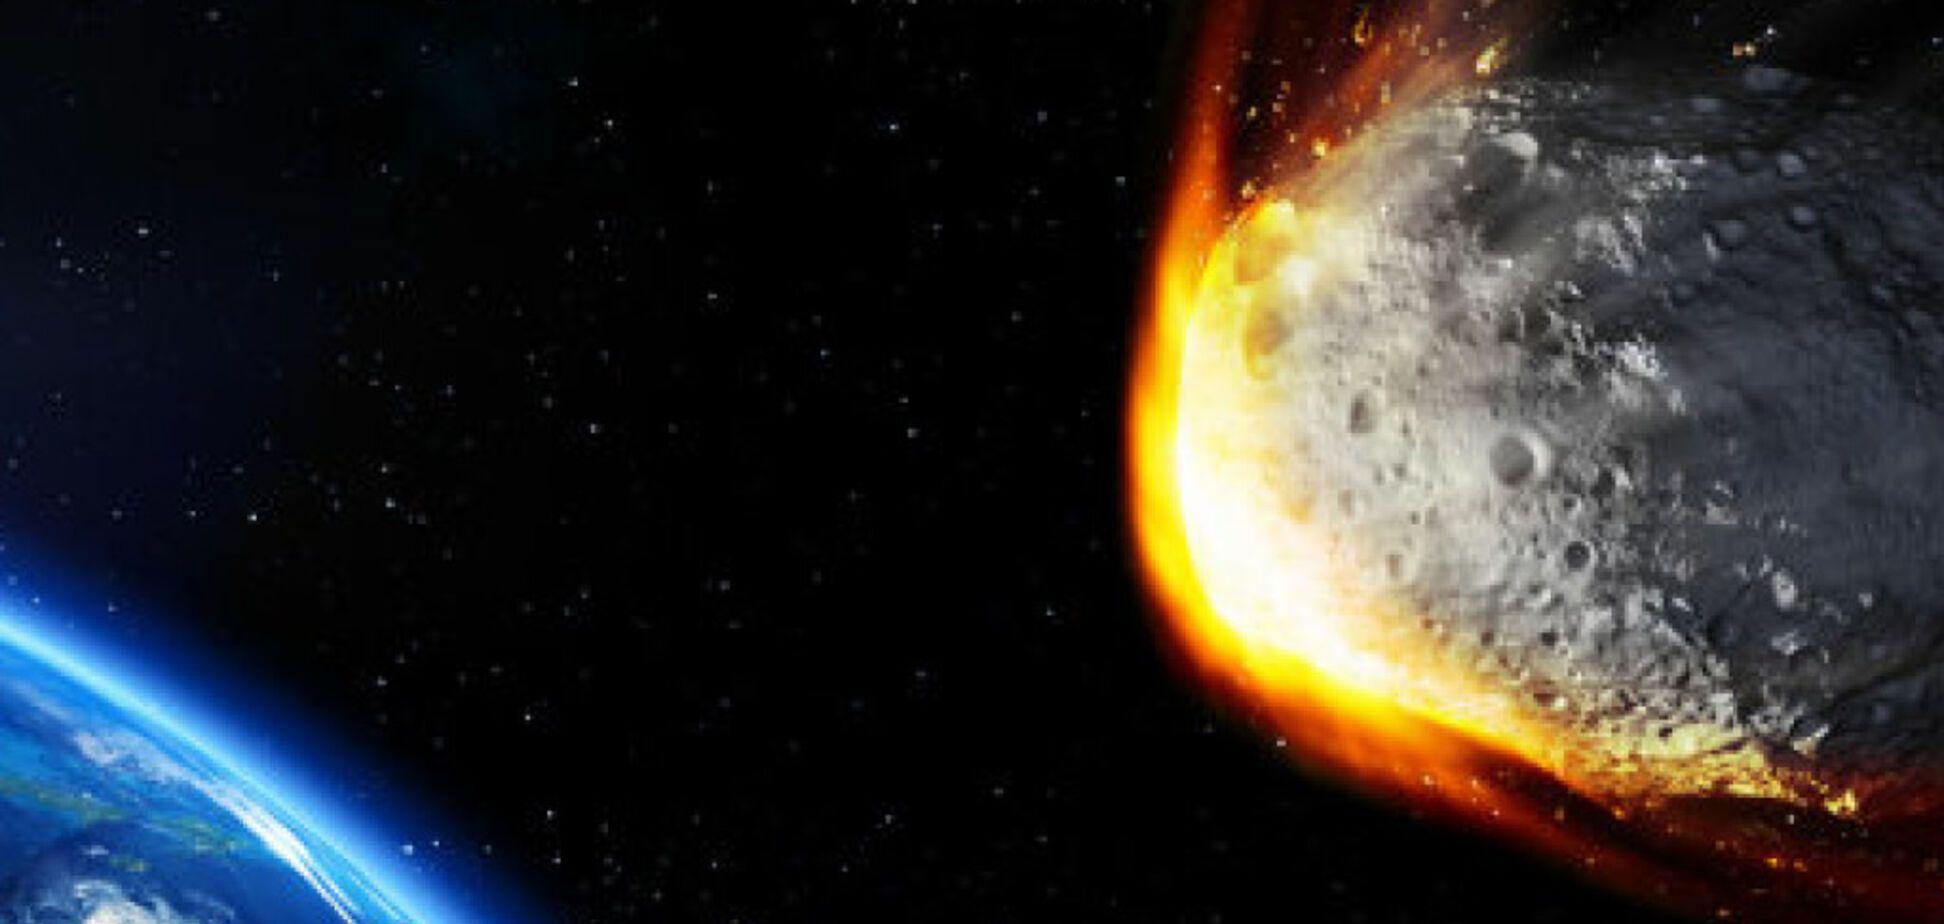 Ученые не заметили: к Земле несутся опасные астероиды